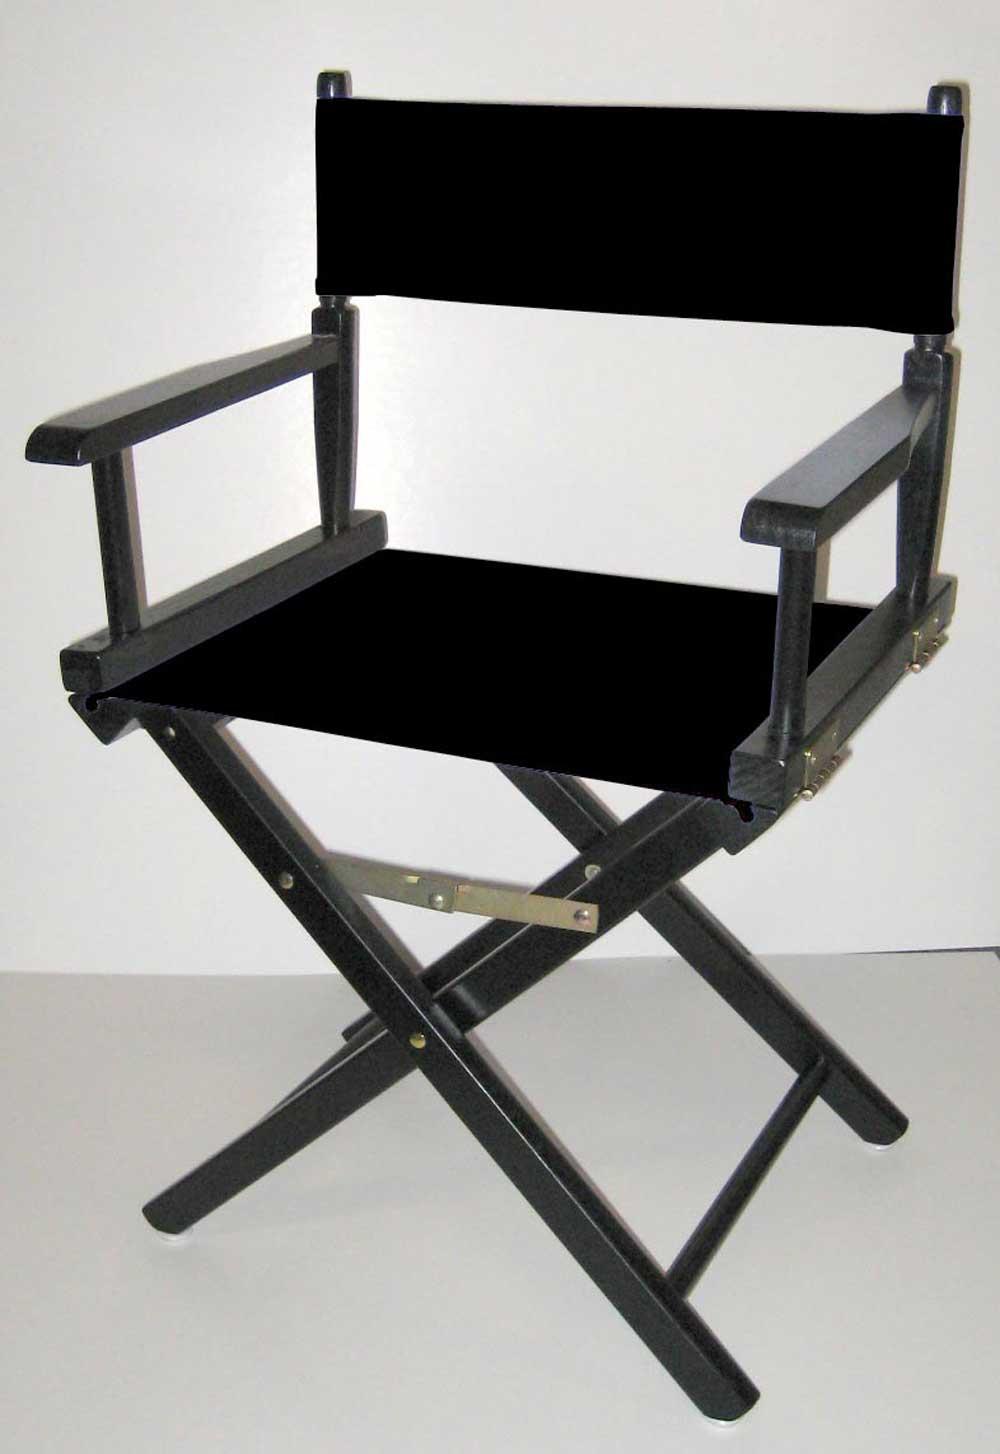 vidunderlige-design-for-ikea-folde-stole-made-med-skabende-ideer-for-at anvende-metal-arm-hvile